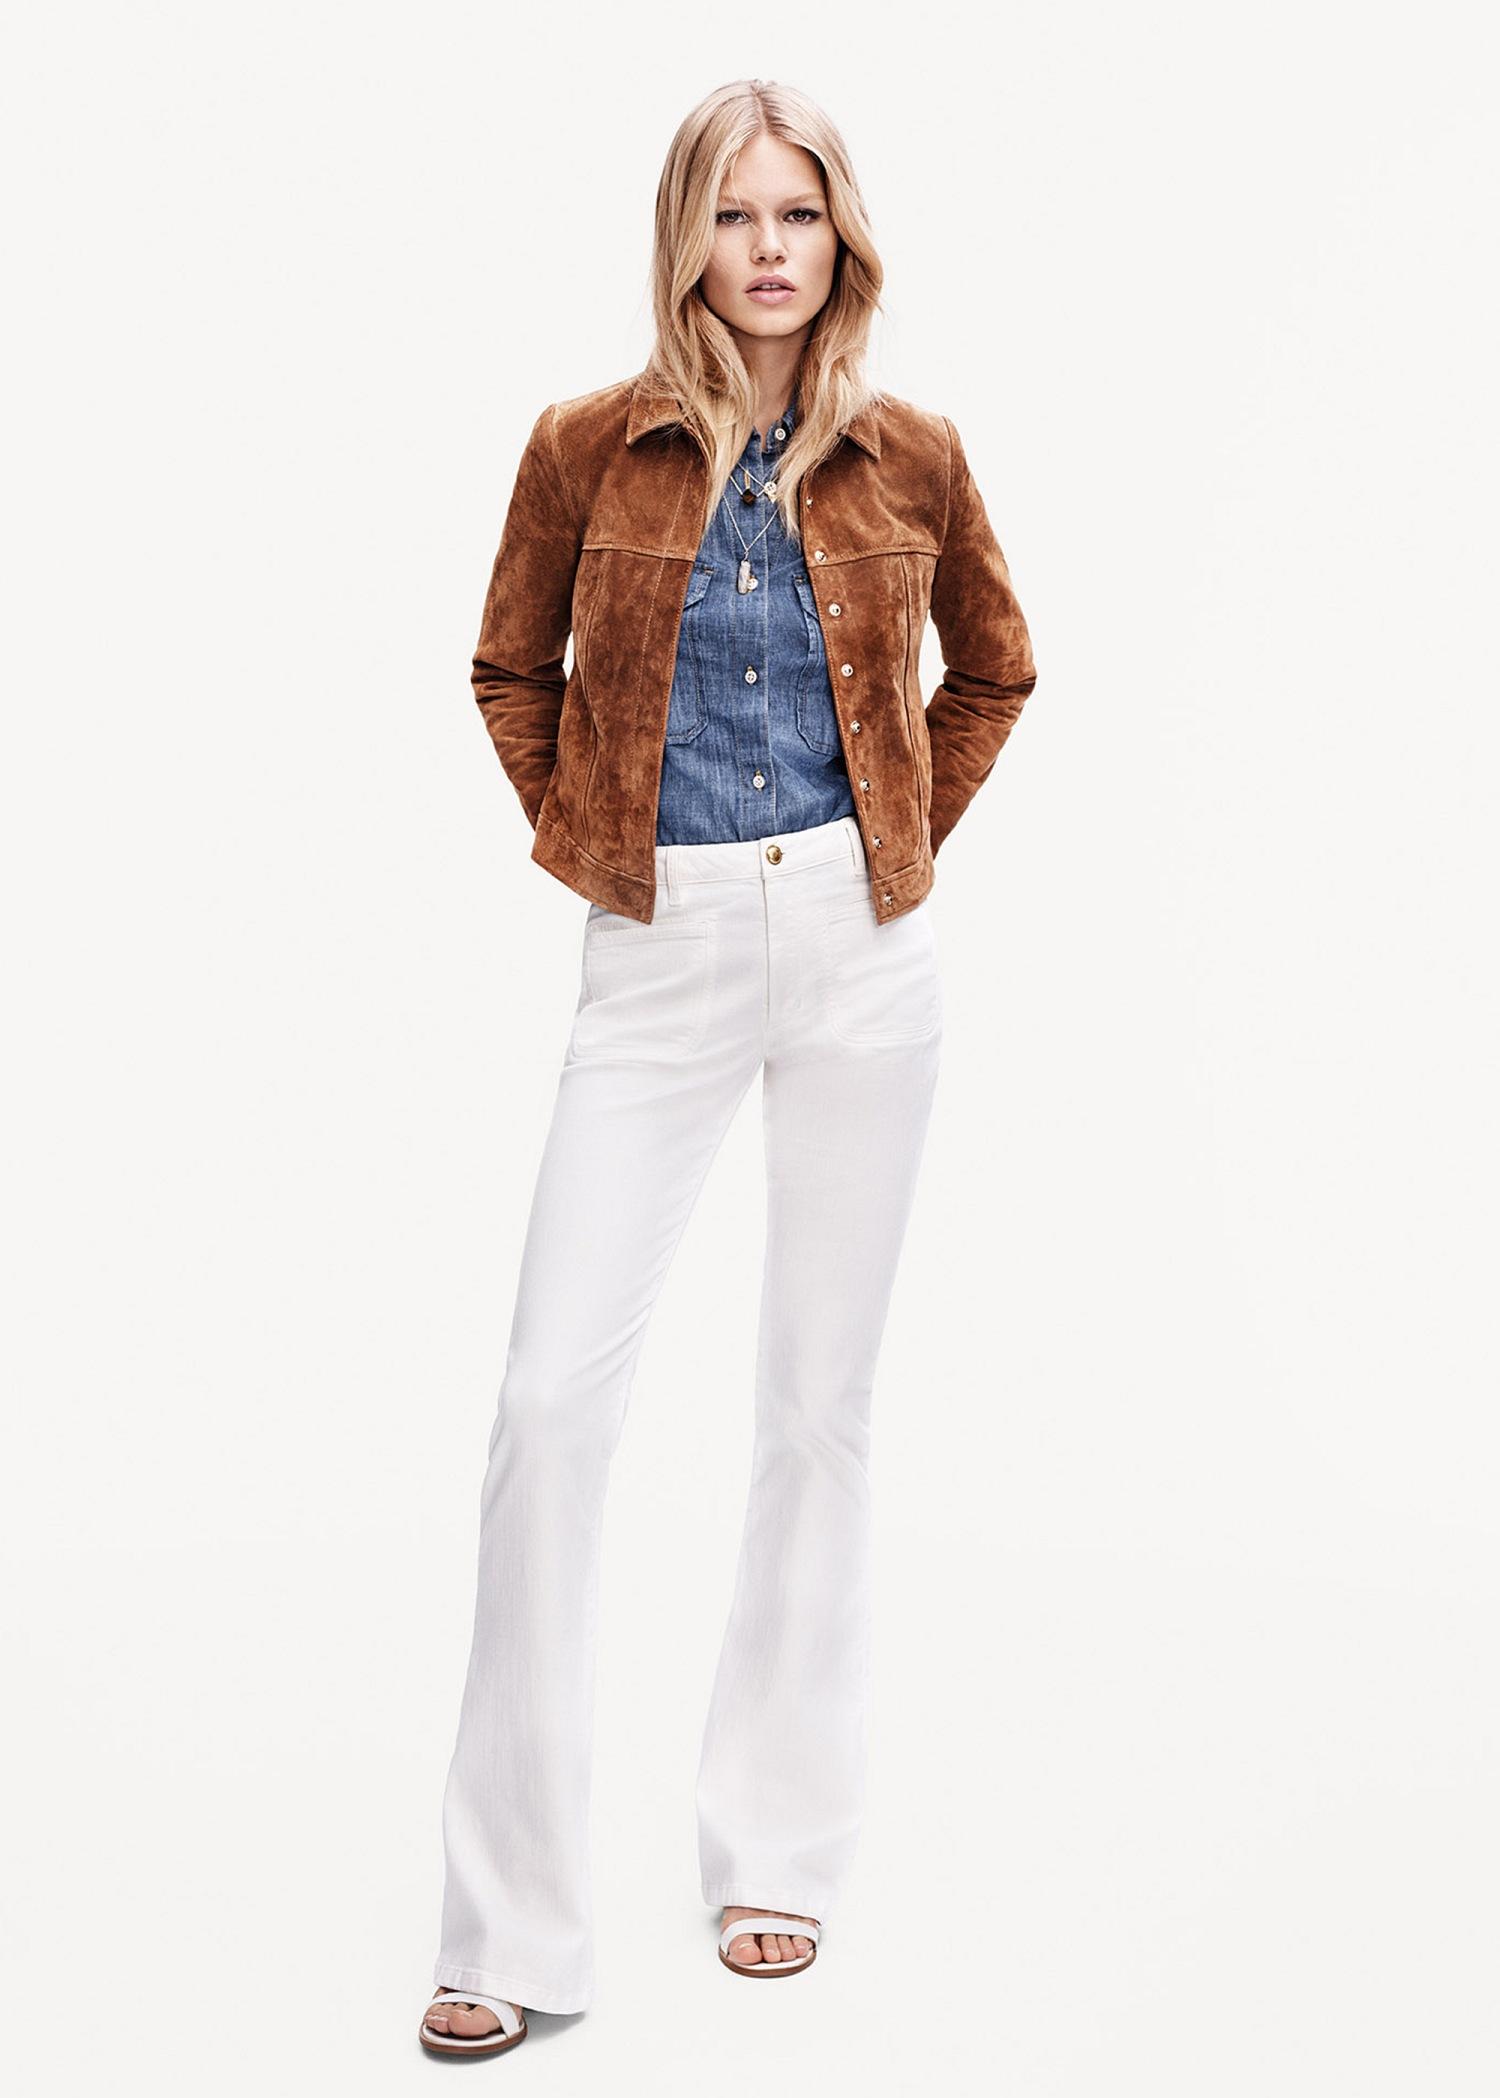 5 vestes tendance printemps-été 2015 – Taaora – Blog Mode, Tendances ... 96f0ab453d49